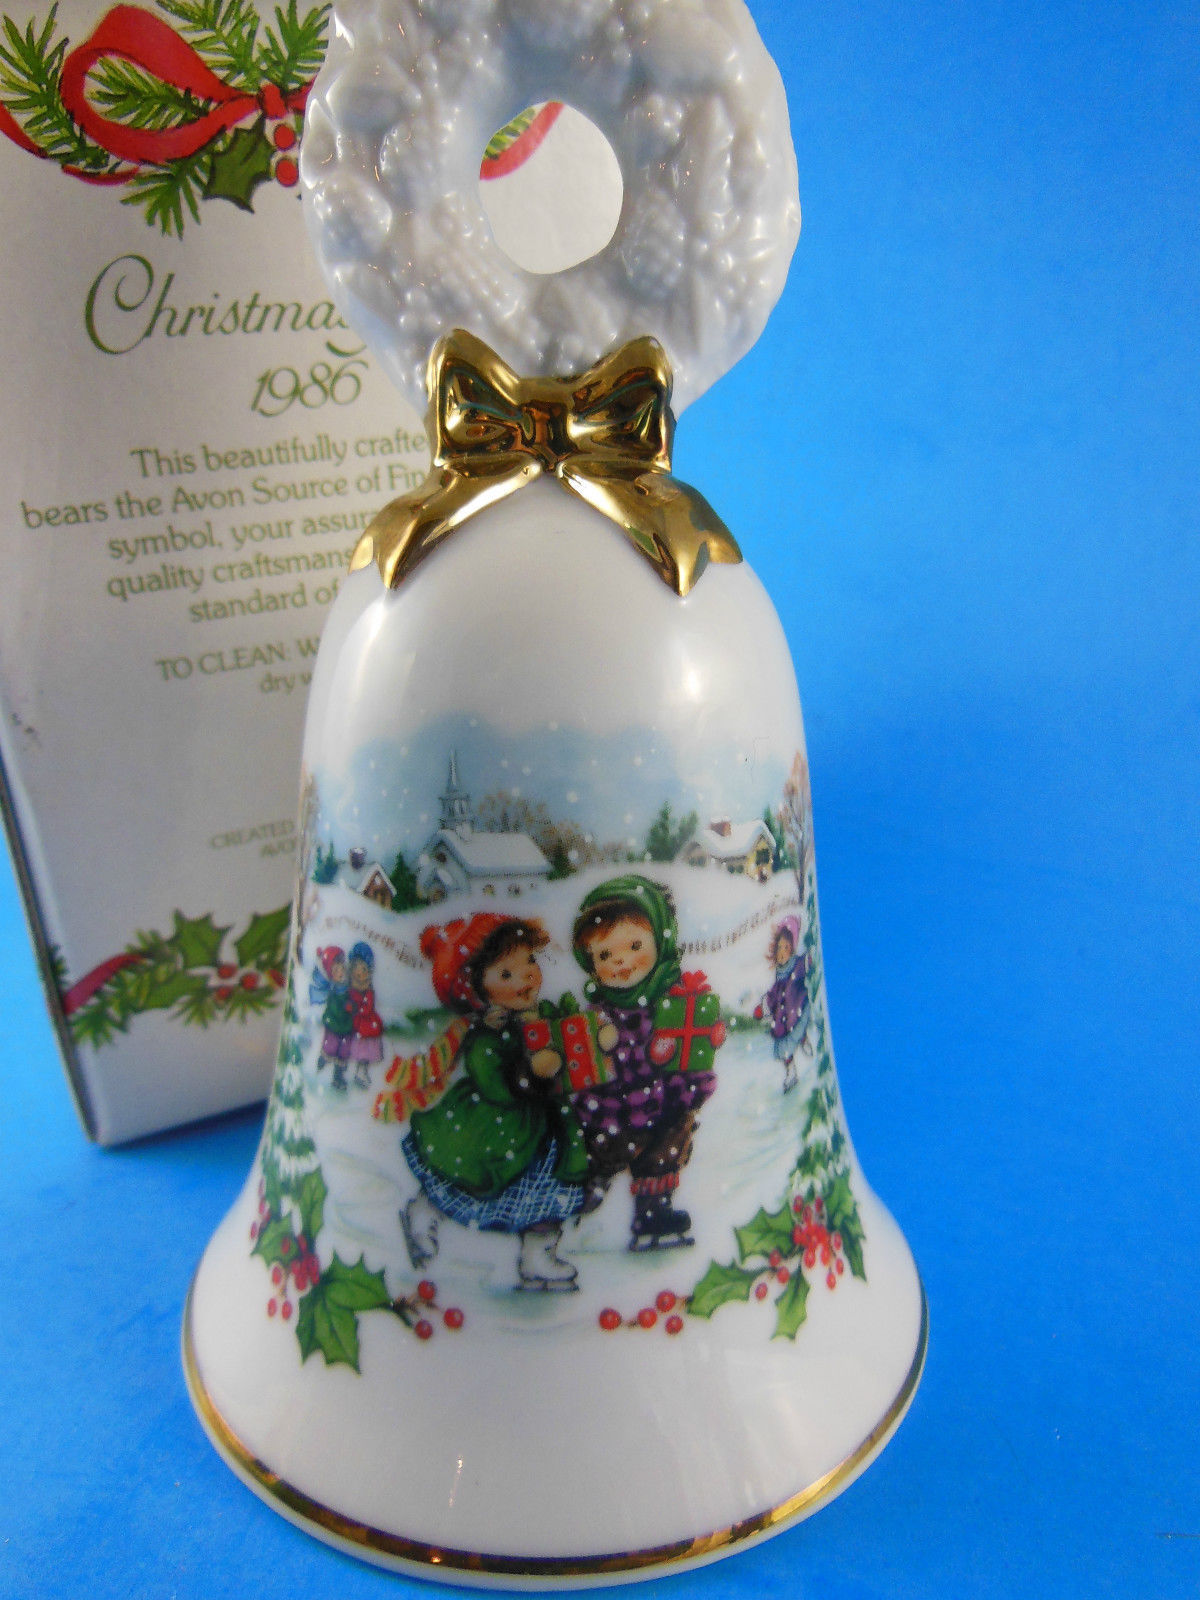 AVON 1986 Porcelain Christmas Bell Children ice skating Winter scene - $8.41